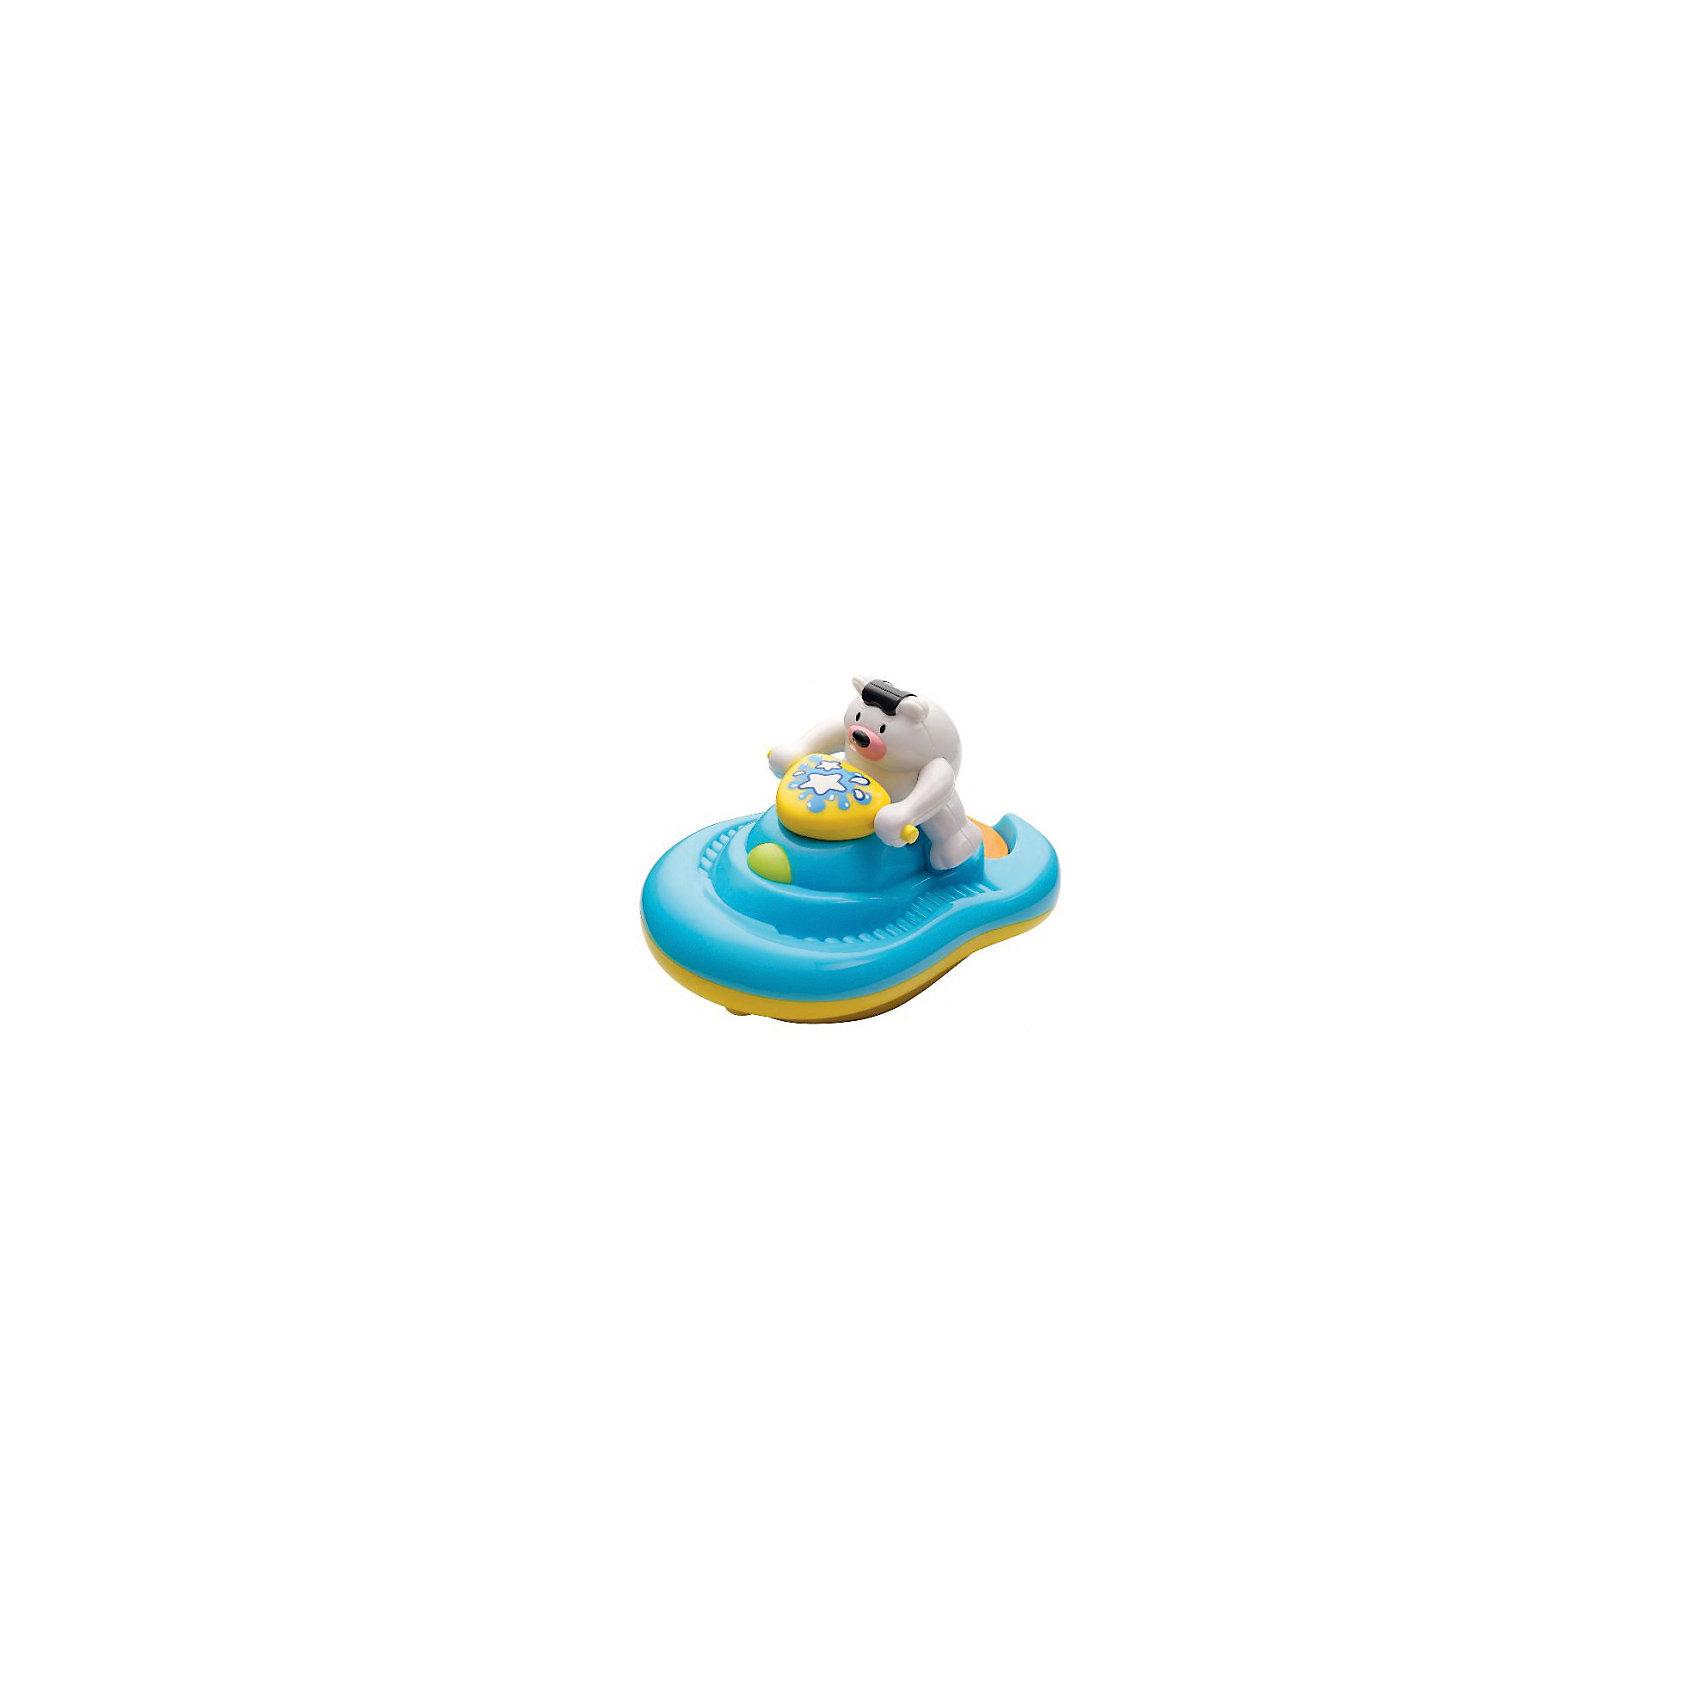 Медвежонок на катере, HAP-P-KIDИгрушки ПВХ<br>Медвежонок на катере, Happy Kid (Хэппи Кид) – эта забавная игрушка развеселит вашего малыша во время купания.<br>Игрушка для ванной Медвежонок на катере от Happy Kid (Хэппи Кид) выполнена в виде забавного белого медвежонка, который сидит на водном катере синего цвета. В специальный отсек катера нужно налить мыльную жидкость, нажать кнопку на передней части катера и опустить игрушку на воду. Катер поплывет, слегка подпрыгивая, и качаясь, словно на волнах, и будет пускать мыльные пузыри. Эта игрушка привлечет внимание вашего малыша и превратит купание в веселую игру! Игрушка не имеет острых углов, её форма обтекаемая, а значит, ребенок не сможет пораниться. Развивает воображение, цветовосприятие, мелкую моторику, а также помогает ребенку справиться с боязнью воды. Продукция изготовлена из прочного, качественного, безопасного пластика, сертифицирована, экологически безопасна, использованные красители не токсичны и гипоаллергенны.<br><br>Дополнительная информация:<br><br>- Материал: пластик<br>- Батарейки: 3 типа ААА (в комплекте демонстрационные)<br>- Размер упаковки: 18 x 16 x 21 см.<br>- Вес: 533 гр.<br><br>Медвежонка на катере, Happy Kid (Хэппи Кид) можно купить в нашем интернет-магазине.<br><br>Ширина мм: 180<br>Глубина мм: 160<br>Высота мм: 210<br>Вес г: 533<br>Возраст от месяцев: 12<br>Возраст до месяцев: 36<br>Пол: Унисекс<br>Возраст: Детский<br>SKU: 4726749